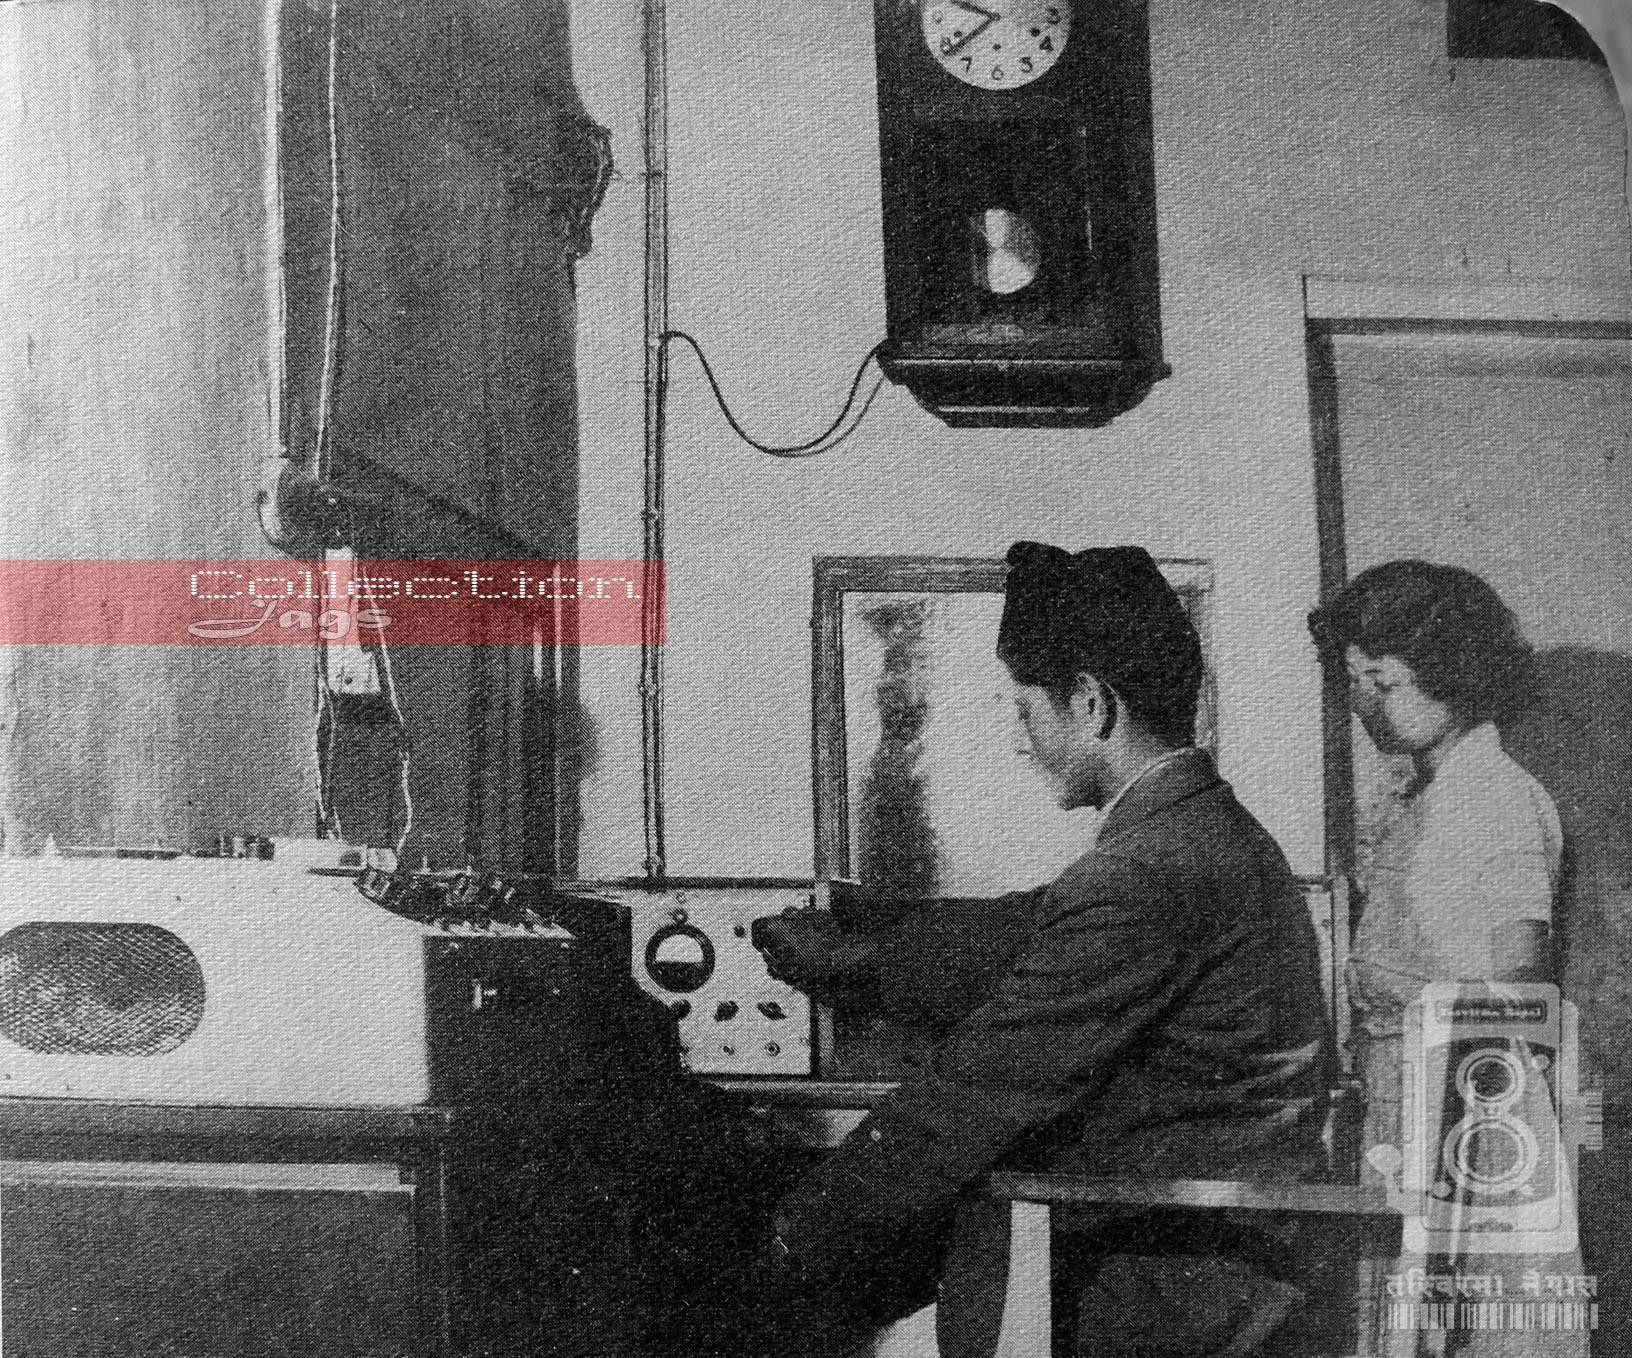 रेडियो नेपाल Radio Nepal Day बिश्व रेडियो दिवस Radio Diwas old picture of Radio Nepal